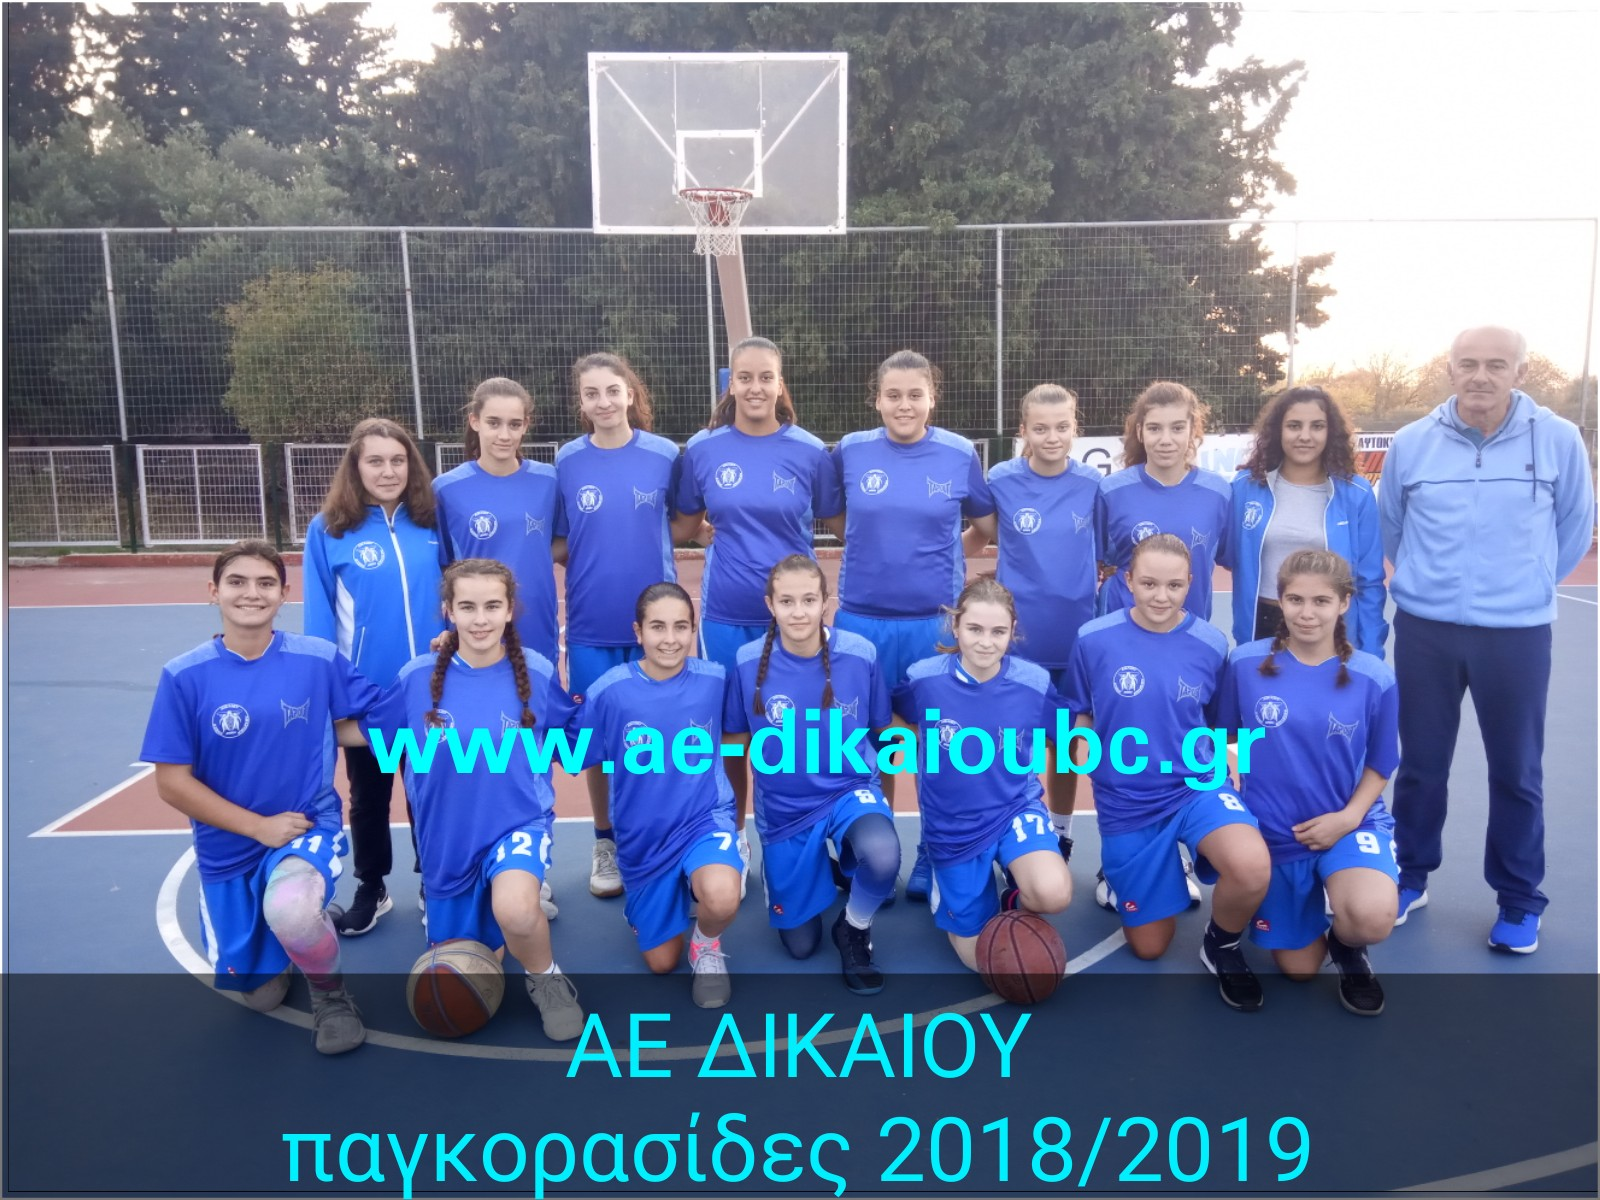 ΠΑΓΚΟΡΑΣΙΔΕΣ 2018-2019